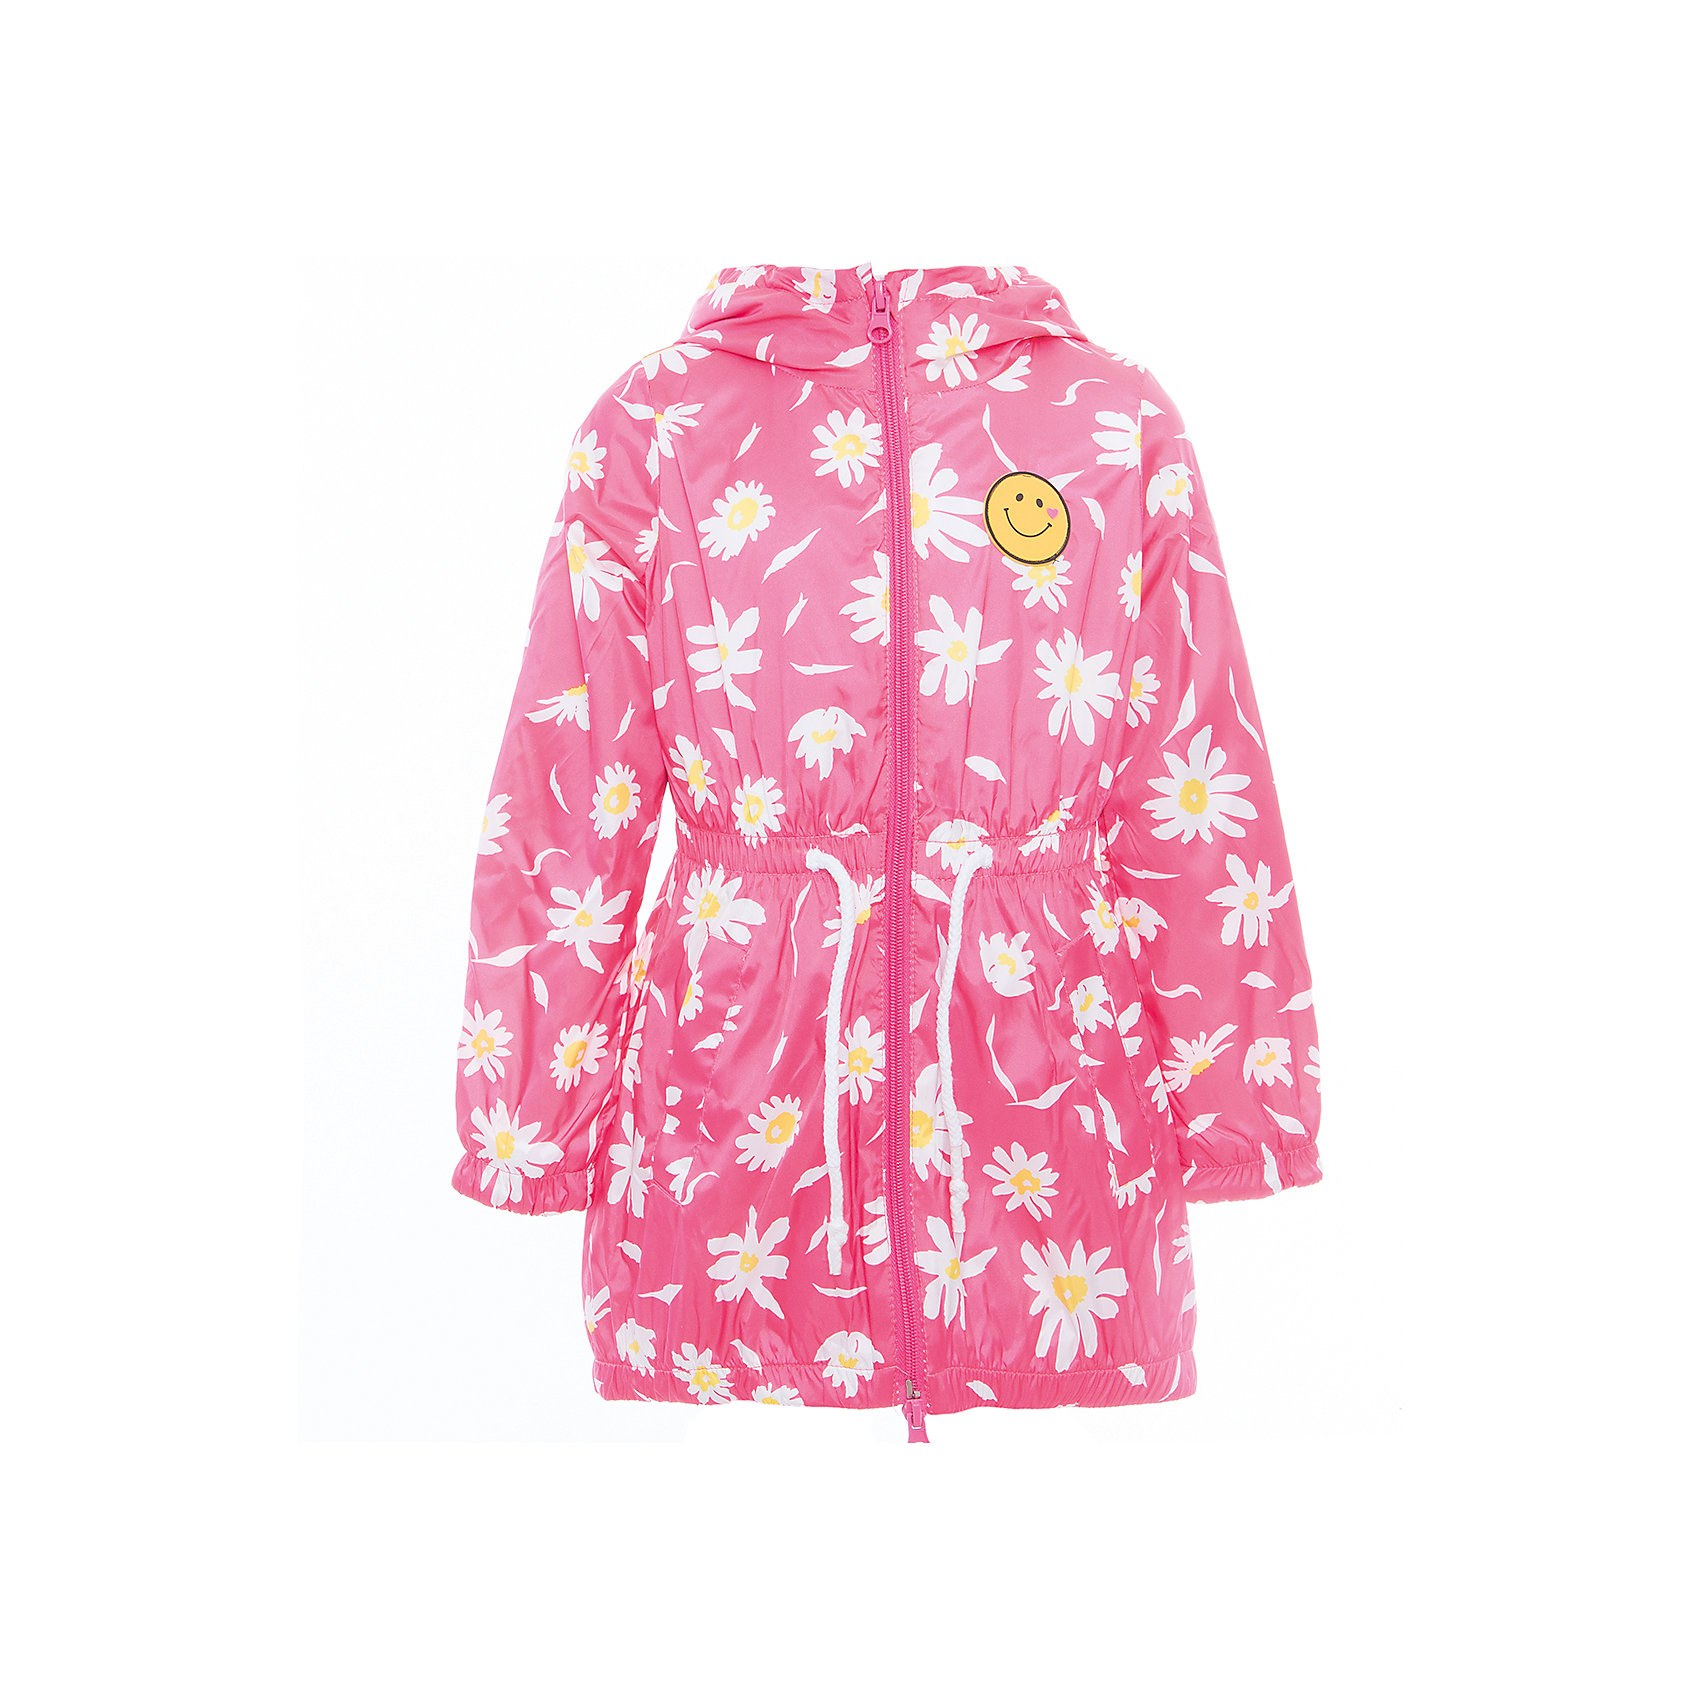 Плащ для девочки BOOM by OrbyВерхняя одежда<br>Характеристики товара:<br><br>• цвет: розовый<br>• состав: верх - таффета, подкладка - полиэстер, флис, без утеплителя<br>• температурный режим: от 0° до +15°С<br>• демисезон<br>• капюшон<br>• застежка - молния<br>• декорирован нашивкой<br>• принт<br>• шнурок в поясе<br>• комфортная посадка<br>• страна производства: Российская Федерация<br>• страна бренда: Российская Федерация<br>• коллекция: весна-лето 2017<br><br>Такой плащ - универсальный вариант для теплого межсезонья с постоянно меняющейся погодой. Эта модель - модная и удобная одновременно! Изделие отличается стильным ярким дизайном. Плащ хорошо сидит по фигуре, отлично сочетается с различным низом. Вещь была разработана специально для детей.<br><br>Плащ для девочки от бренда BOOM by Orby можно купить в нашем интернет-магазине.<br><br>Ширина мм: 356<br>Глубина мм: 10<br>Высота мм: 245<br>Вес г: 519<br>Цвет: розовый<br>Возраст от месяцев: 144<br>Возраст до месяцев: 156<br>Пол: Женский<br>Возраст: Детский<br>Размер: 116,122,128,134,140,158,146,104,110,98,152<br>SKU: 5343766